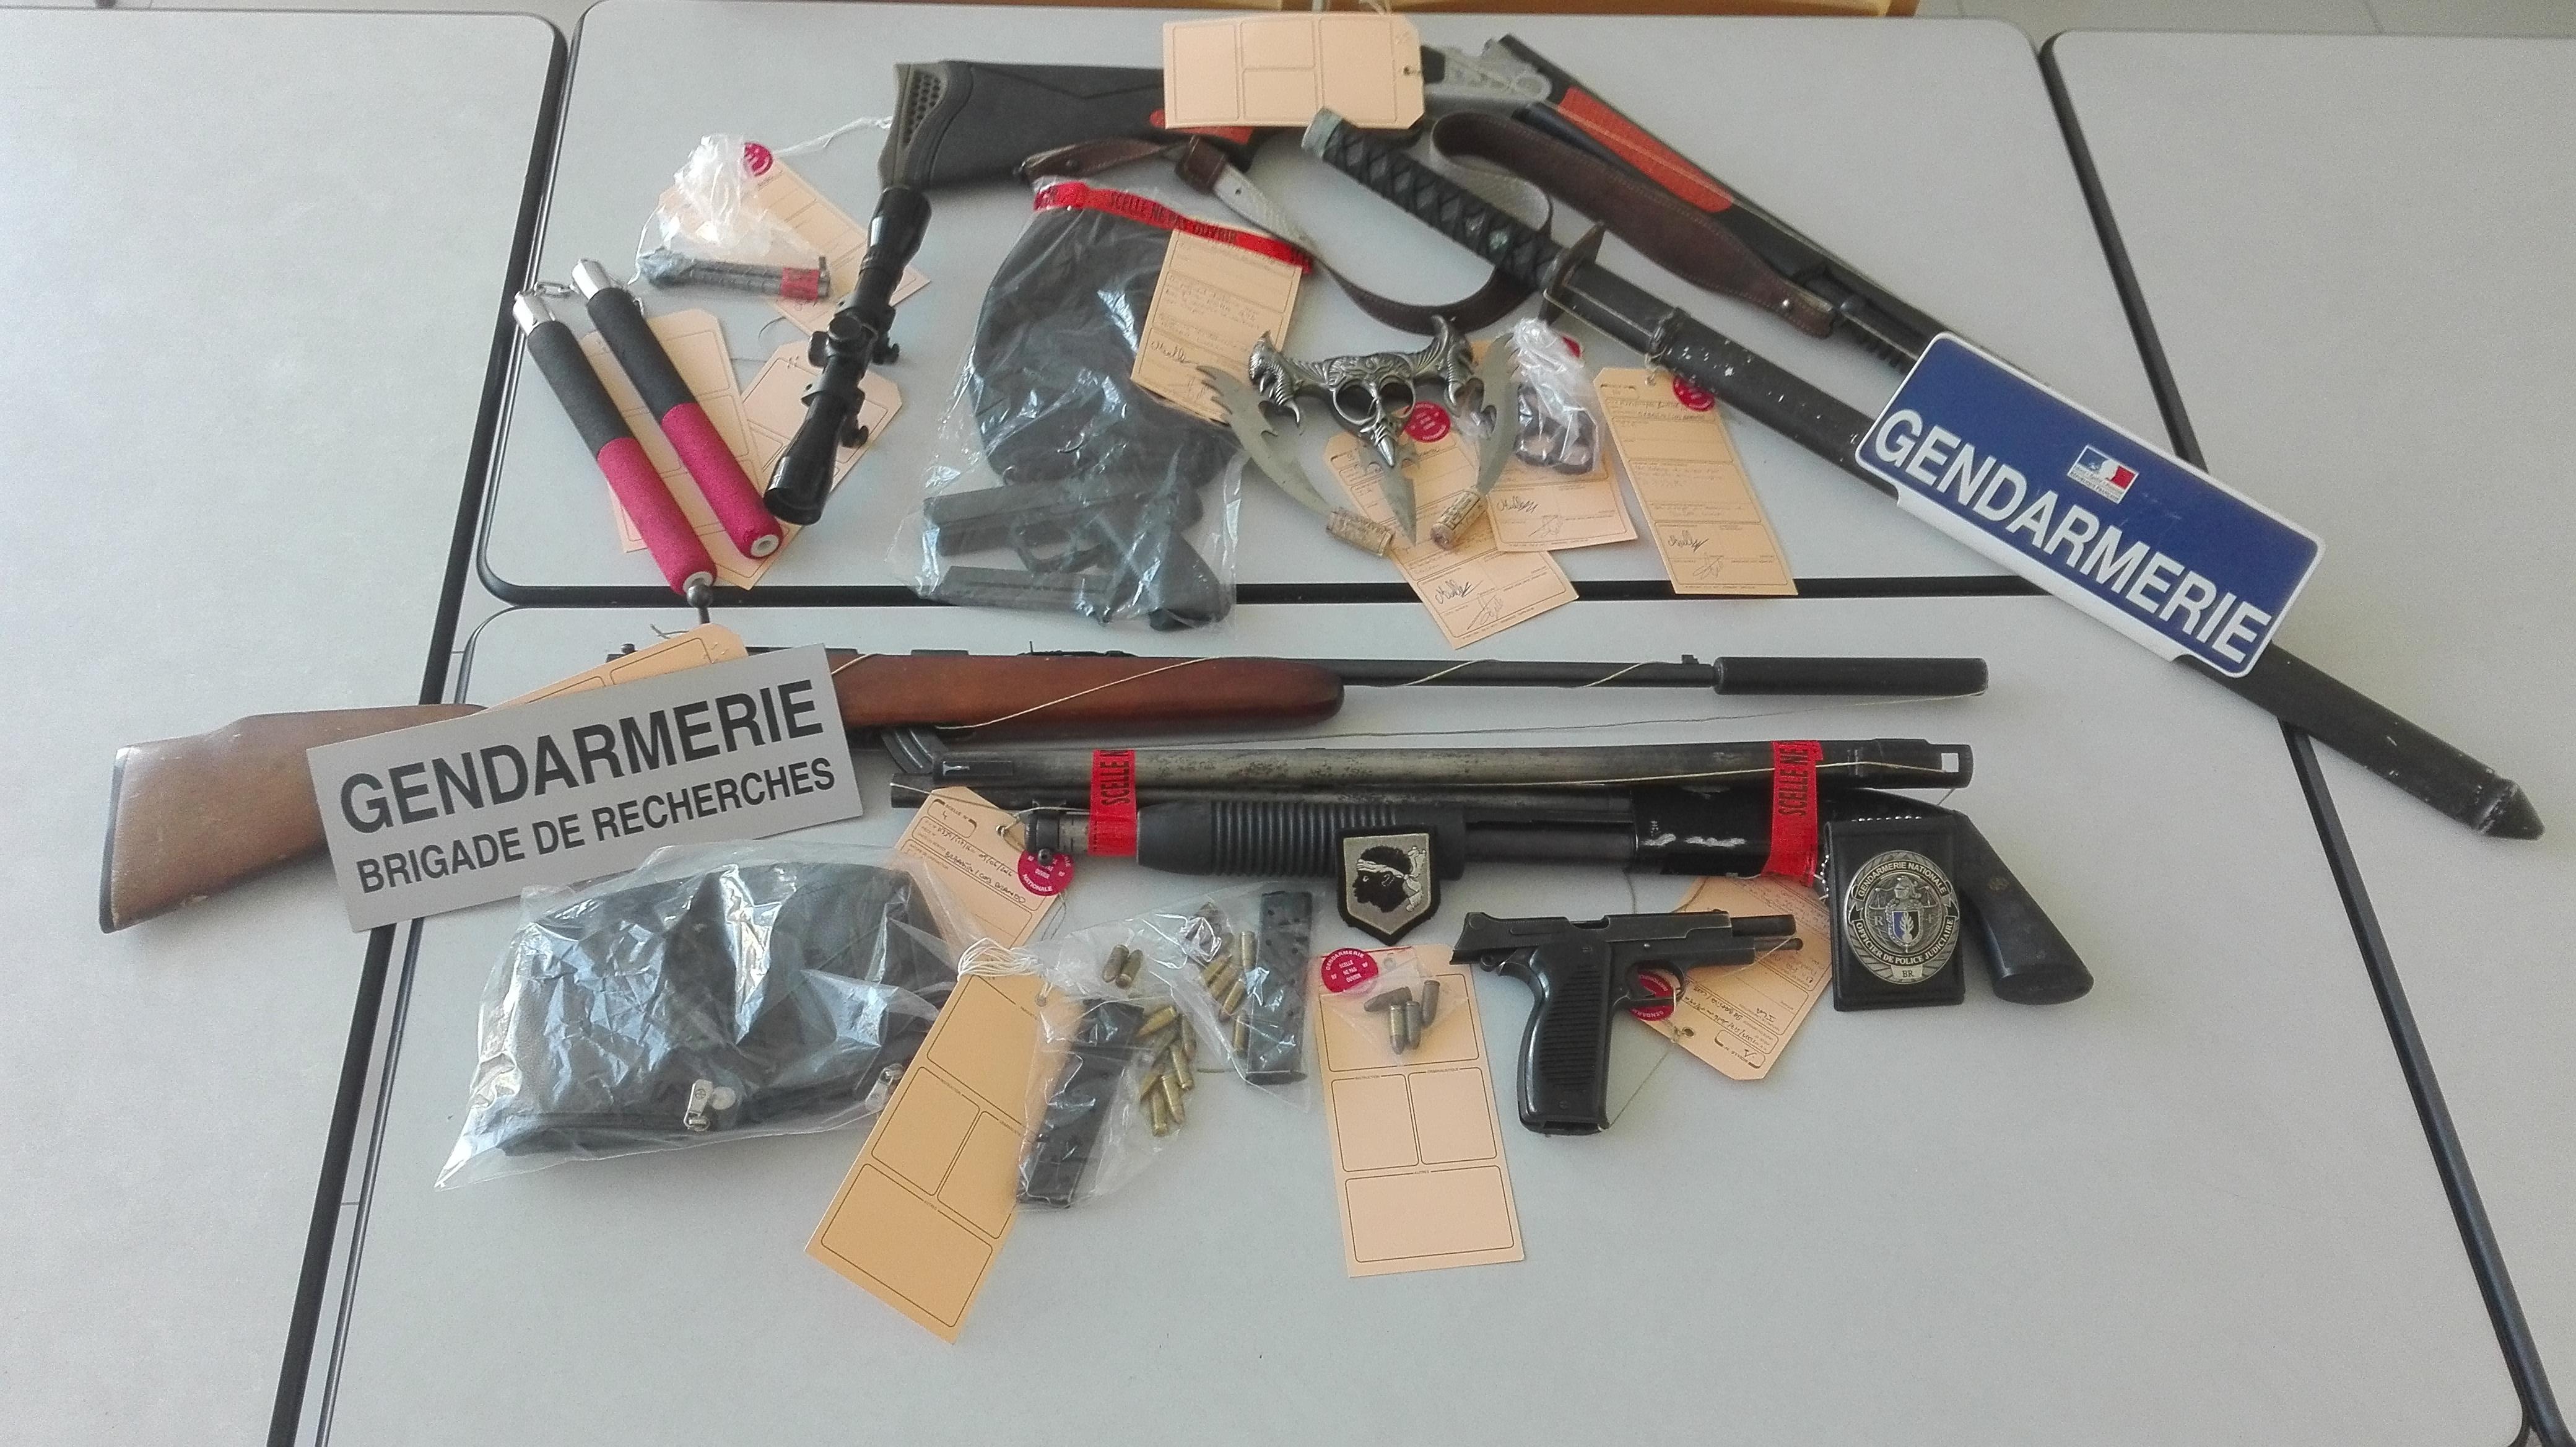 106 condamnations et 12 mandats de dépôts en 2015 : La recherche d'armes, une priorité en Haute-Corse